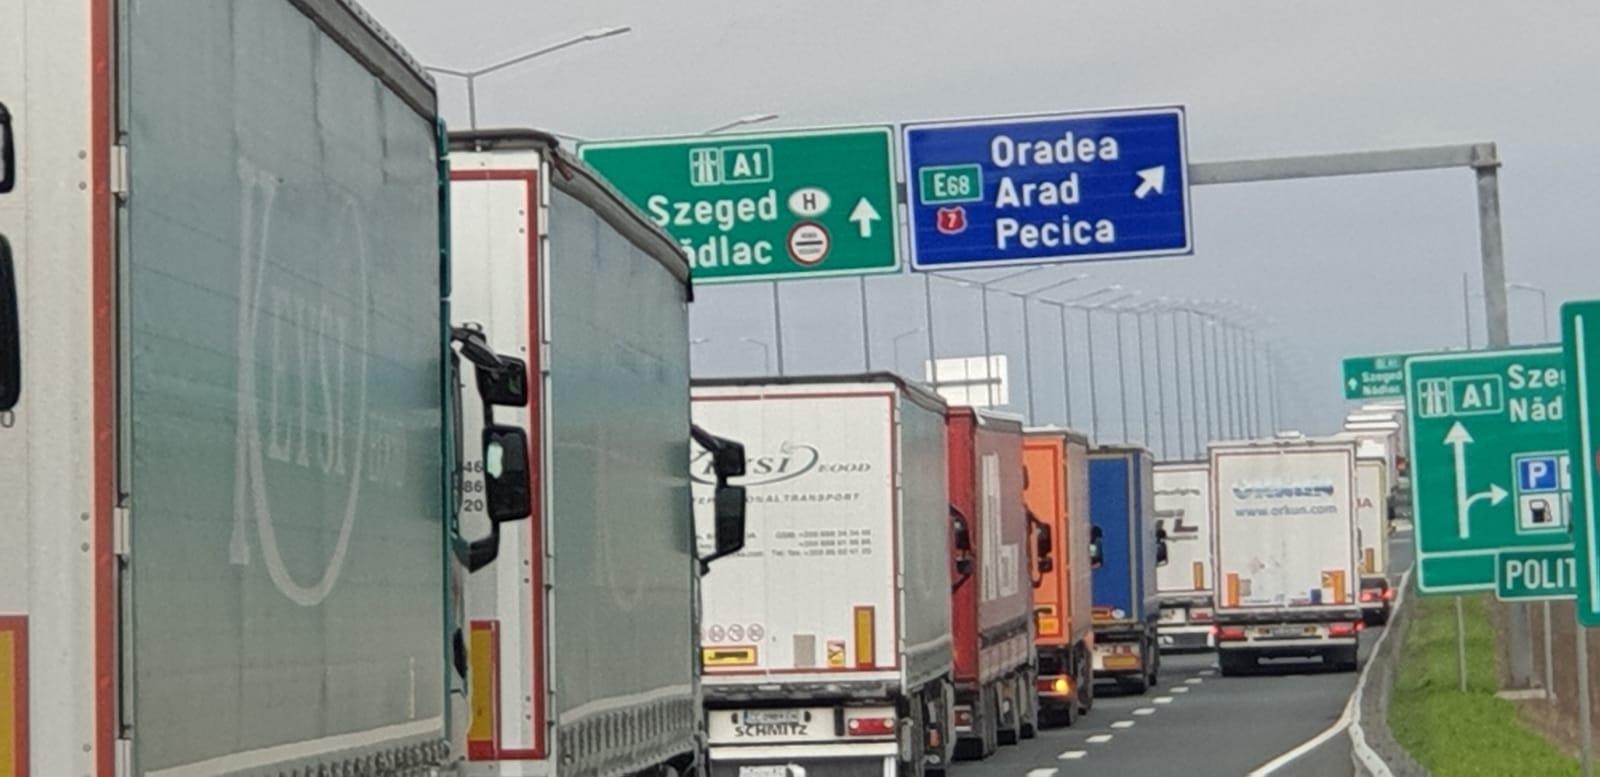 S-a bătut recordul la coada de camioane pe autostradă FOTO: V.O.